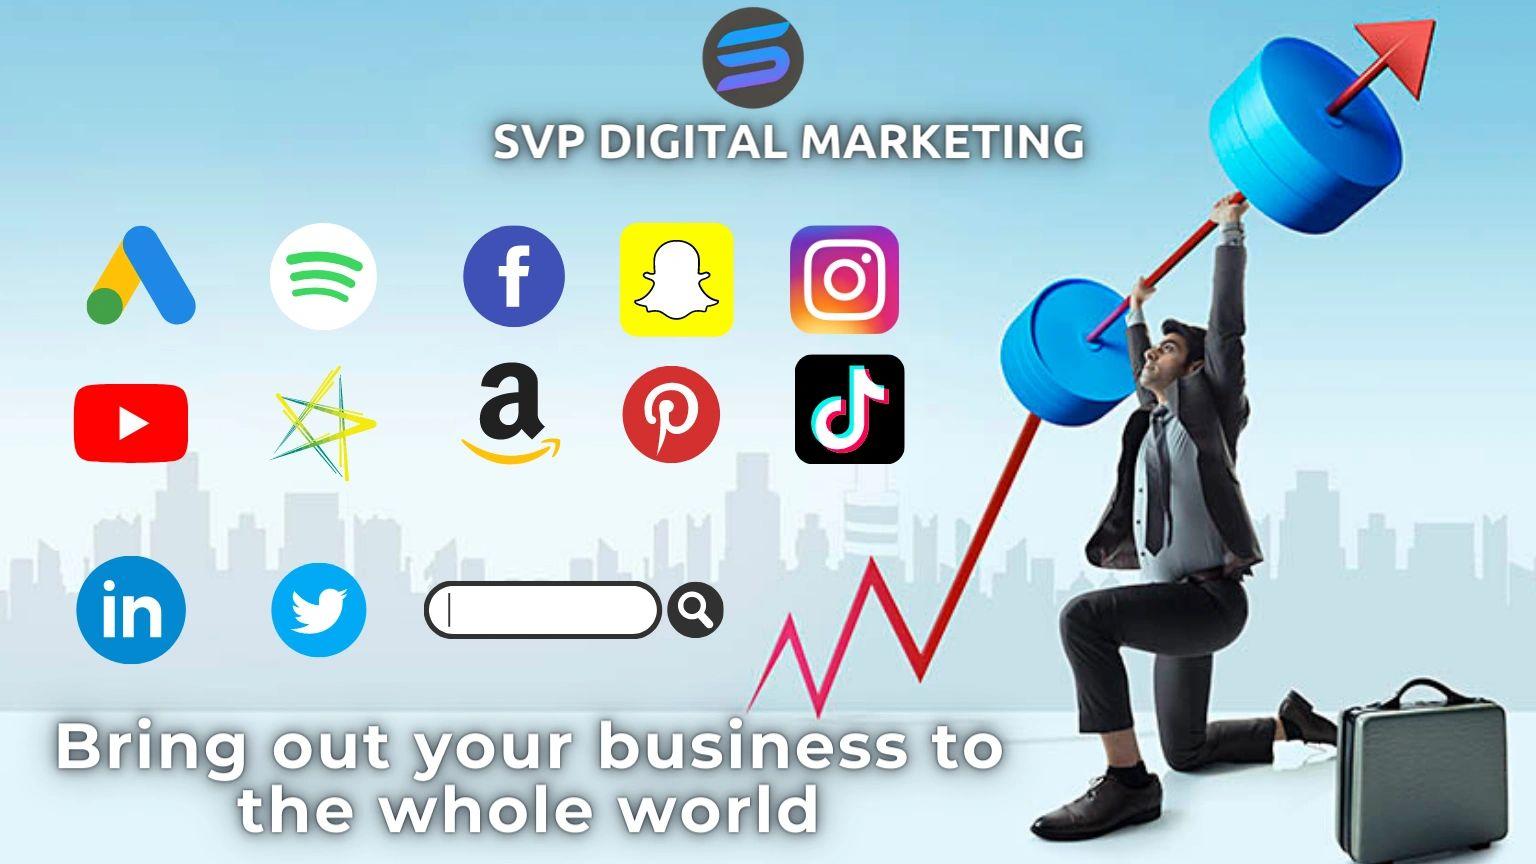 (c) Svpdigital.in